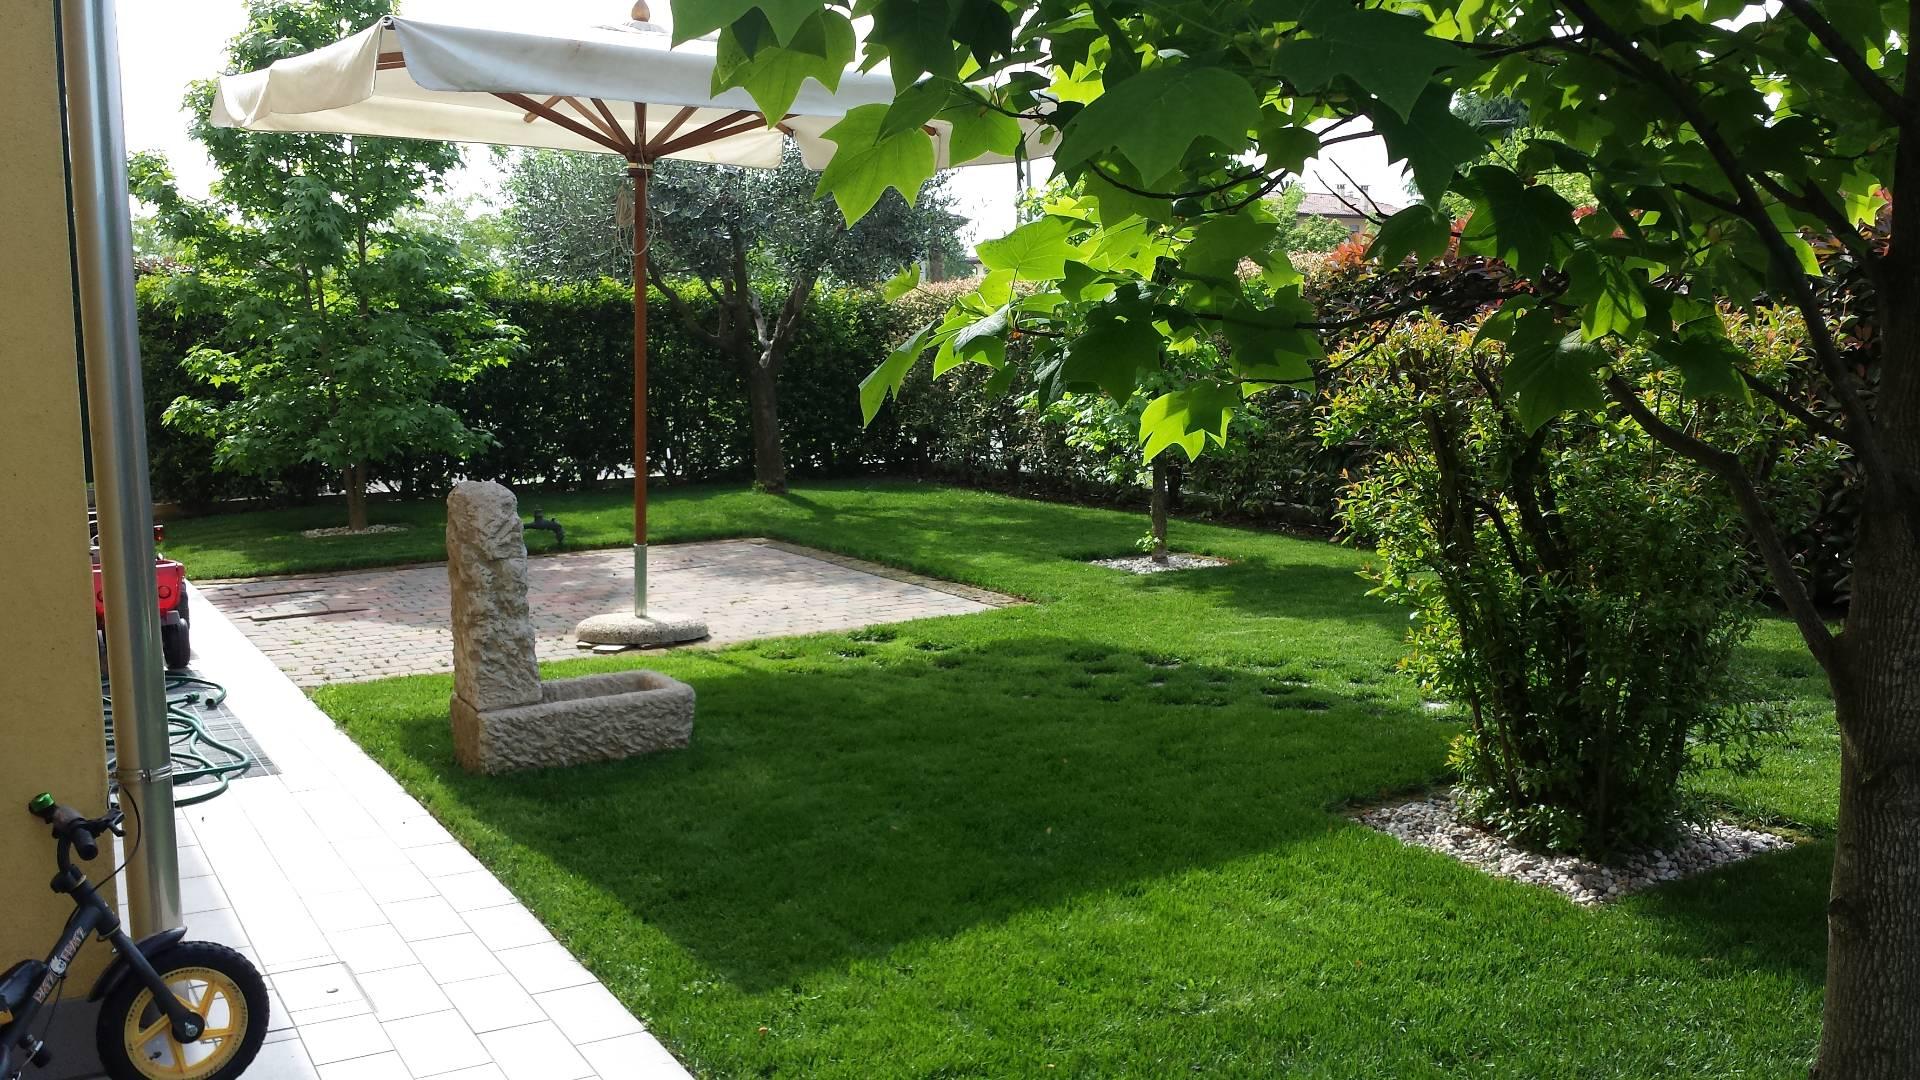 Appartamento in vendita a Montebelluna, 3 locali, zona Località: SanGaetano, prezzo € 130.000 | Cambio Casa.it